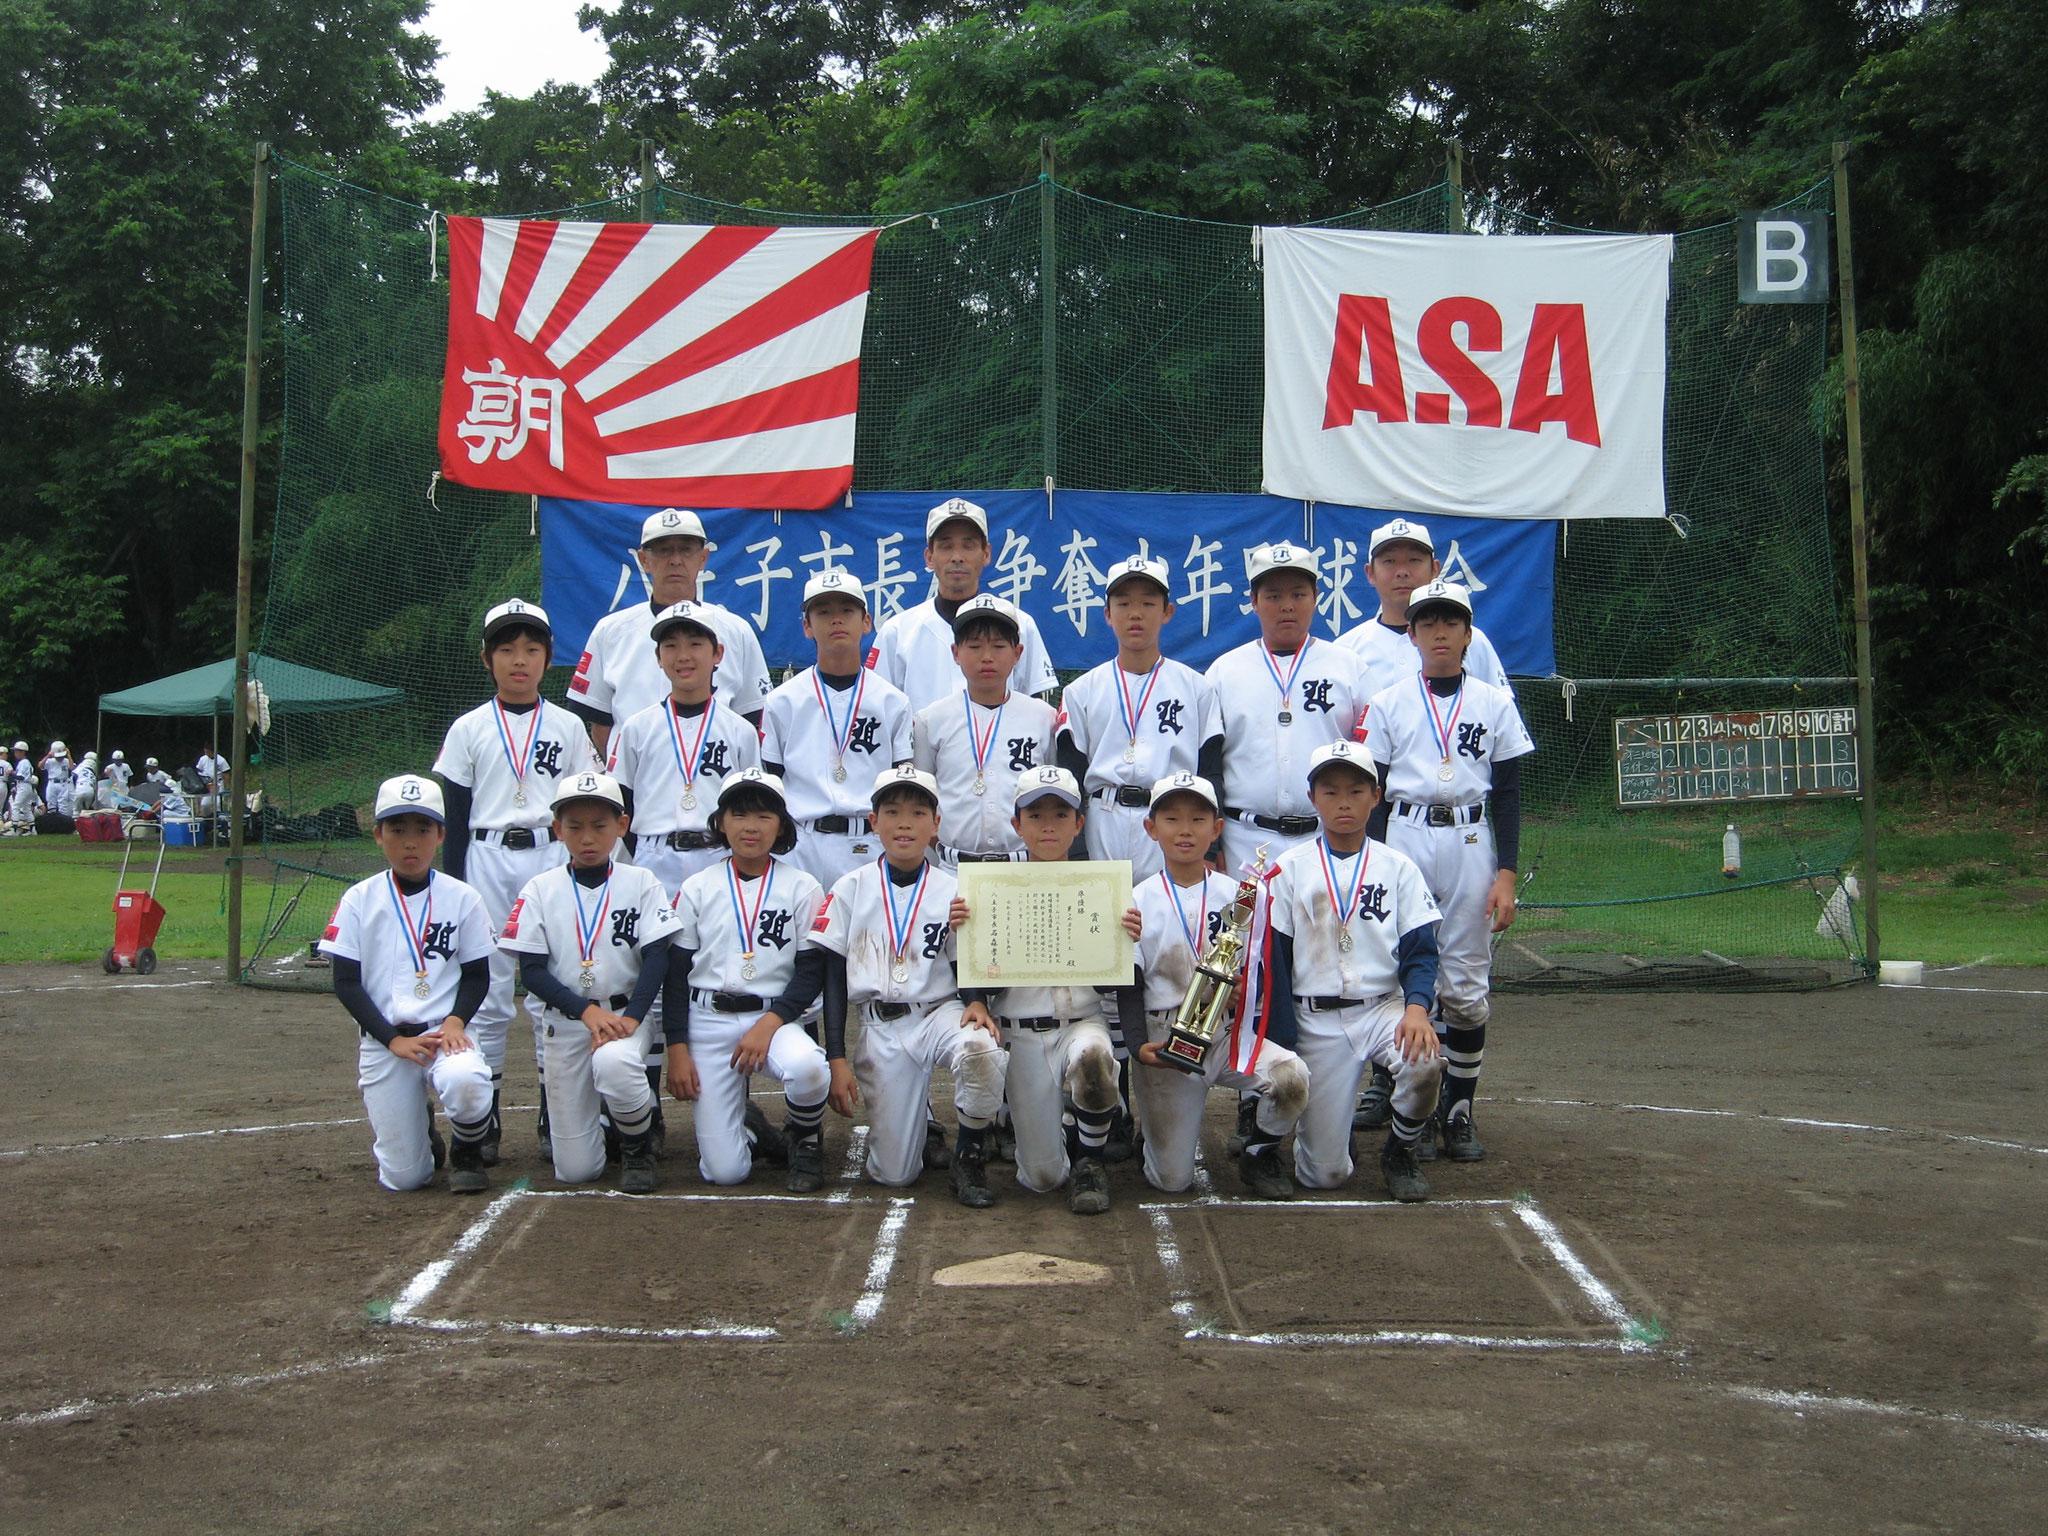 第26回 八王子市長杯争奪少年野球大会 準優勝・第三地区ライオンズ 2019年6月29日